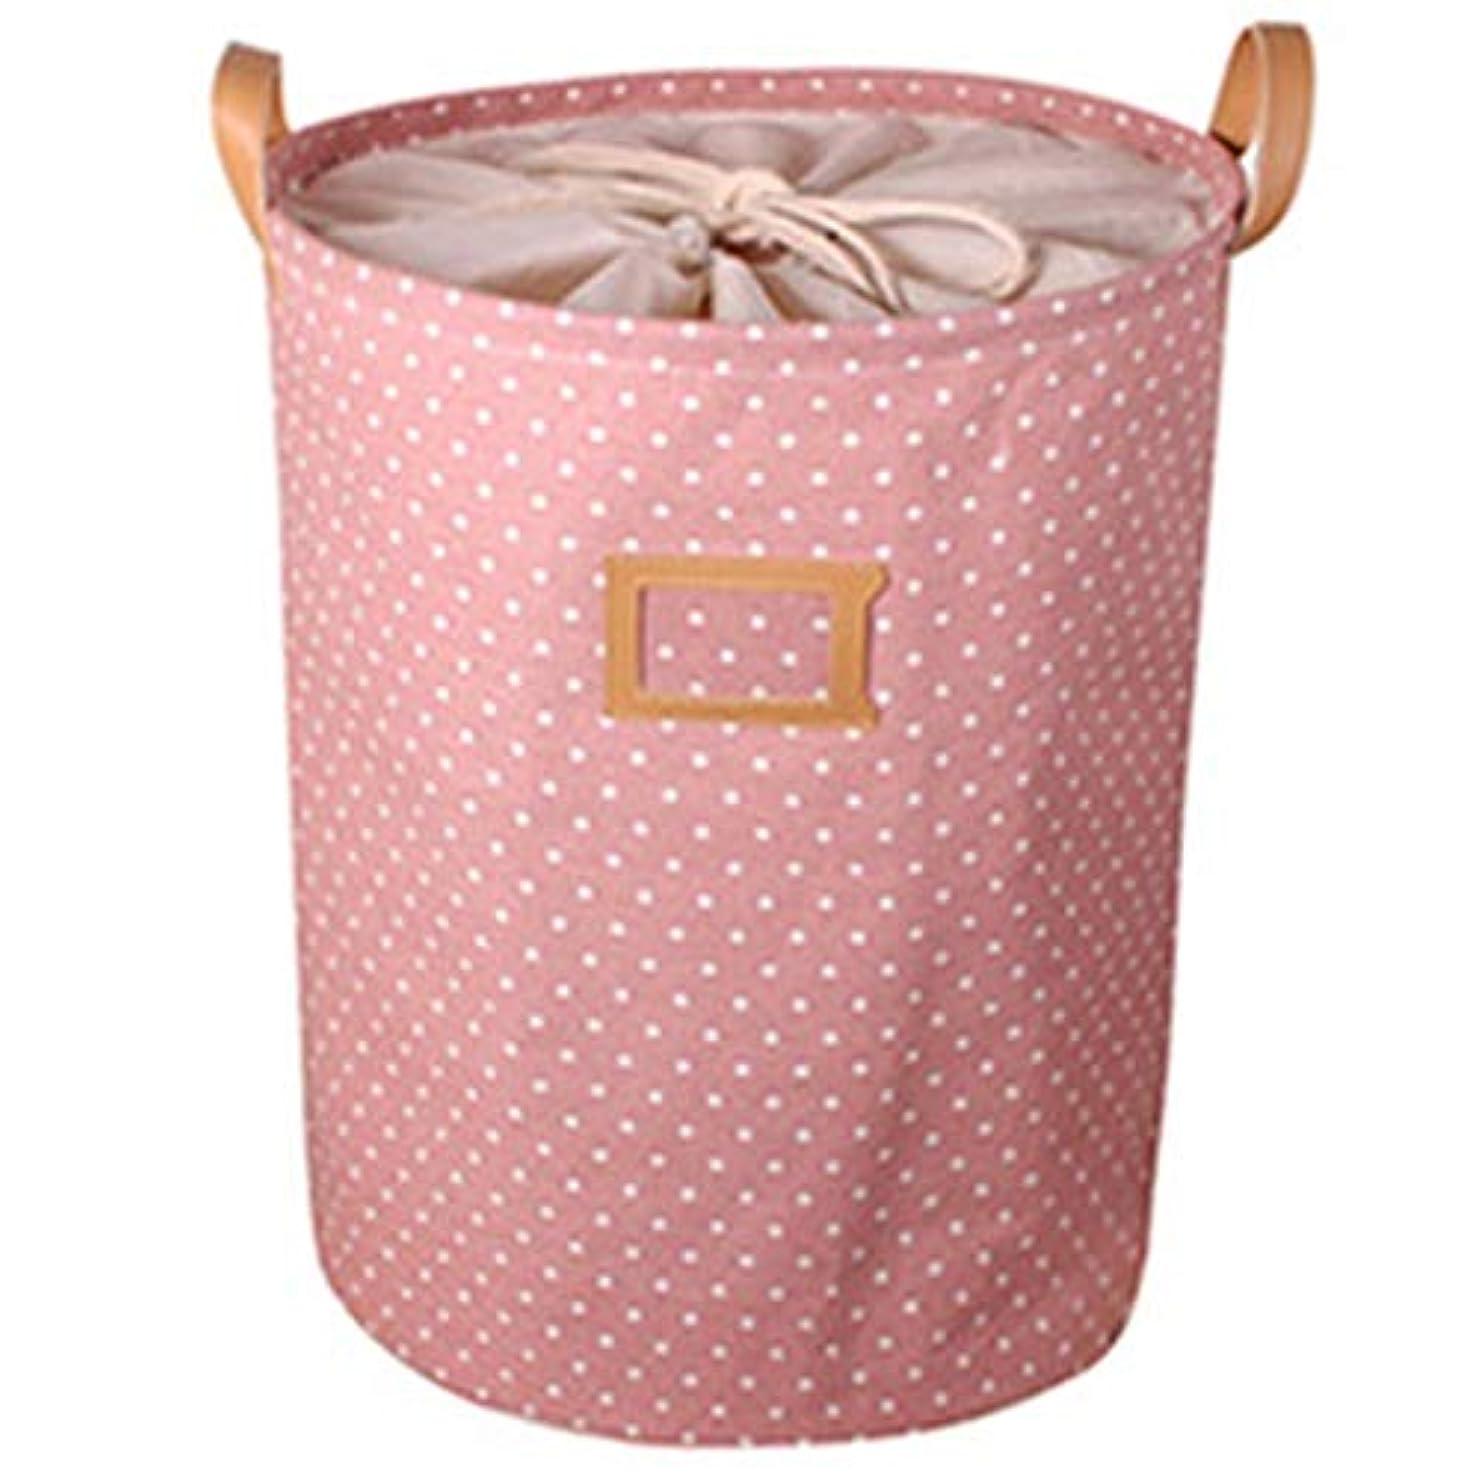 メニューイタリック赤字RETYLY 防水、ランドリーのバスケット、ギフトバッグ、服の収納バスケット、ホ家庭用洋服のバケツ、子供のおもちゃの収納用ランドリーバスケット、ピンク